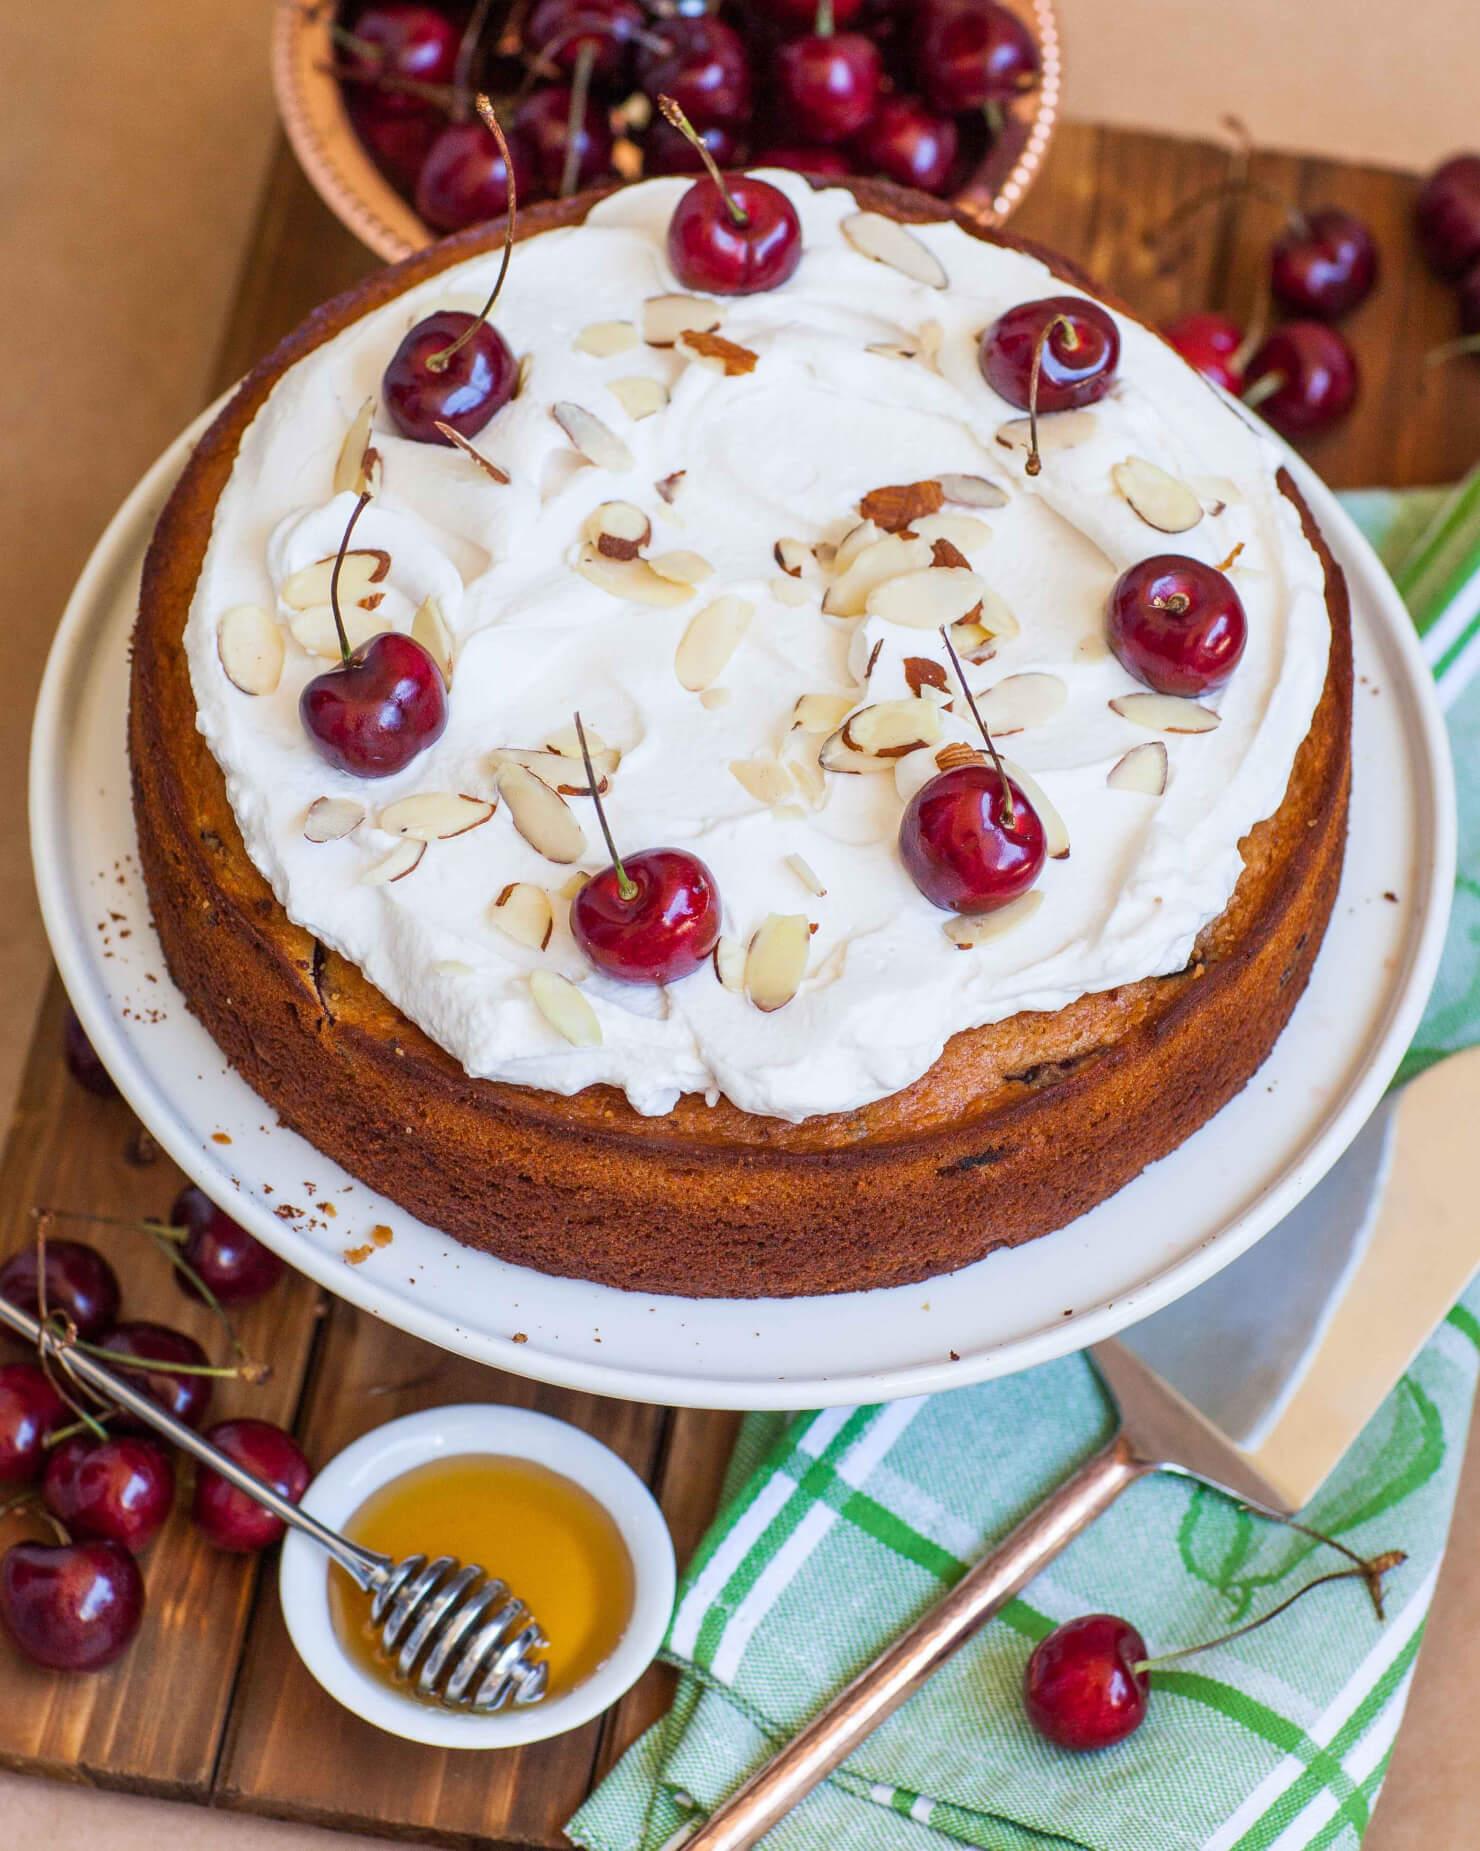 honey cake with cherries and cream